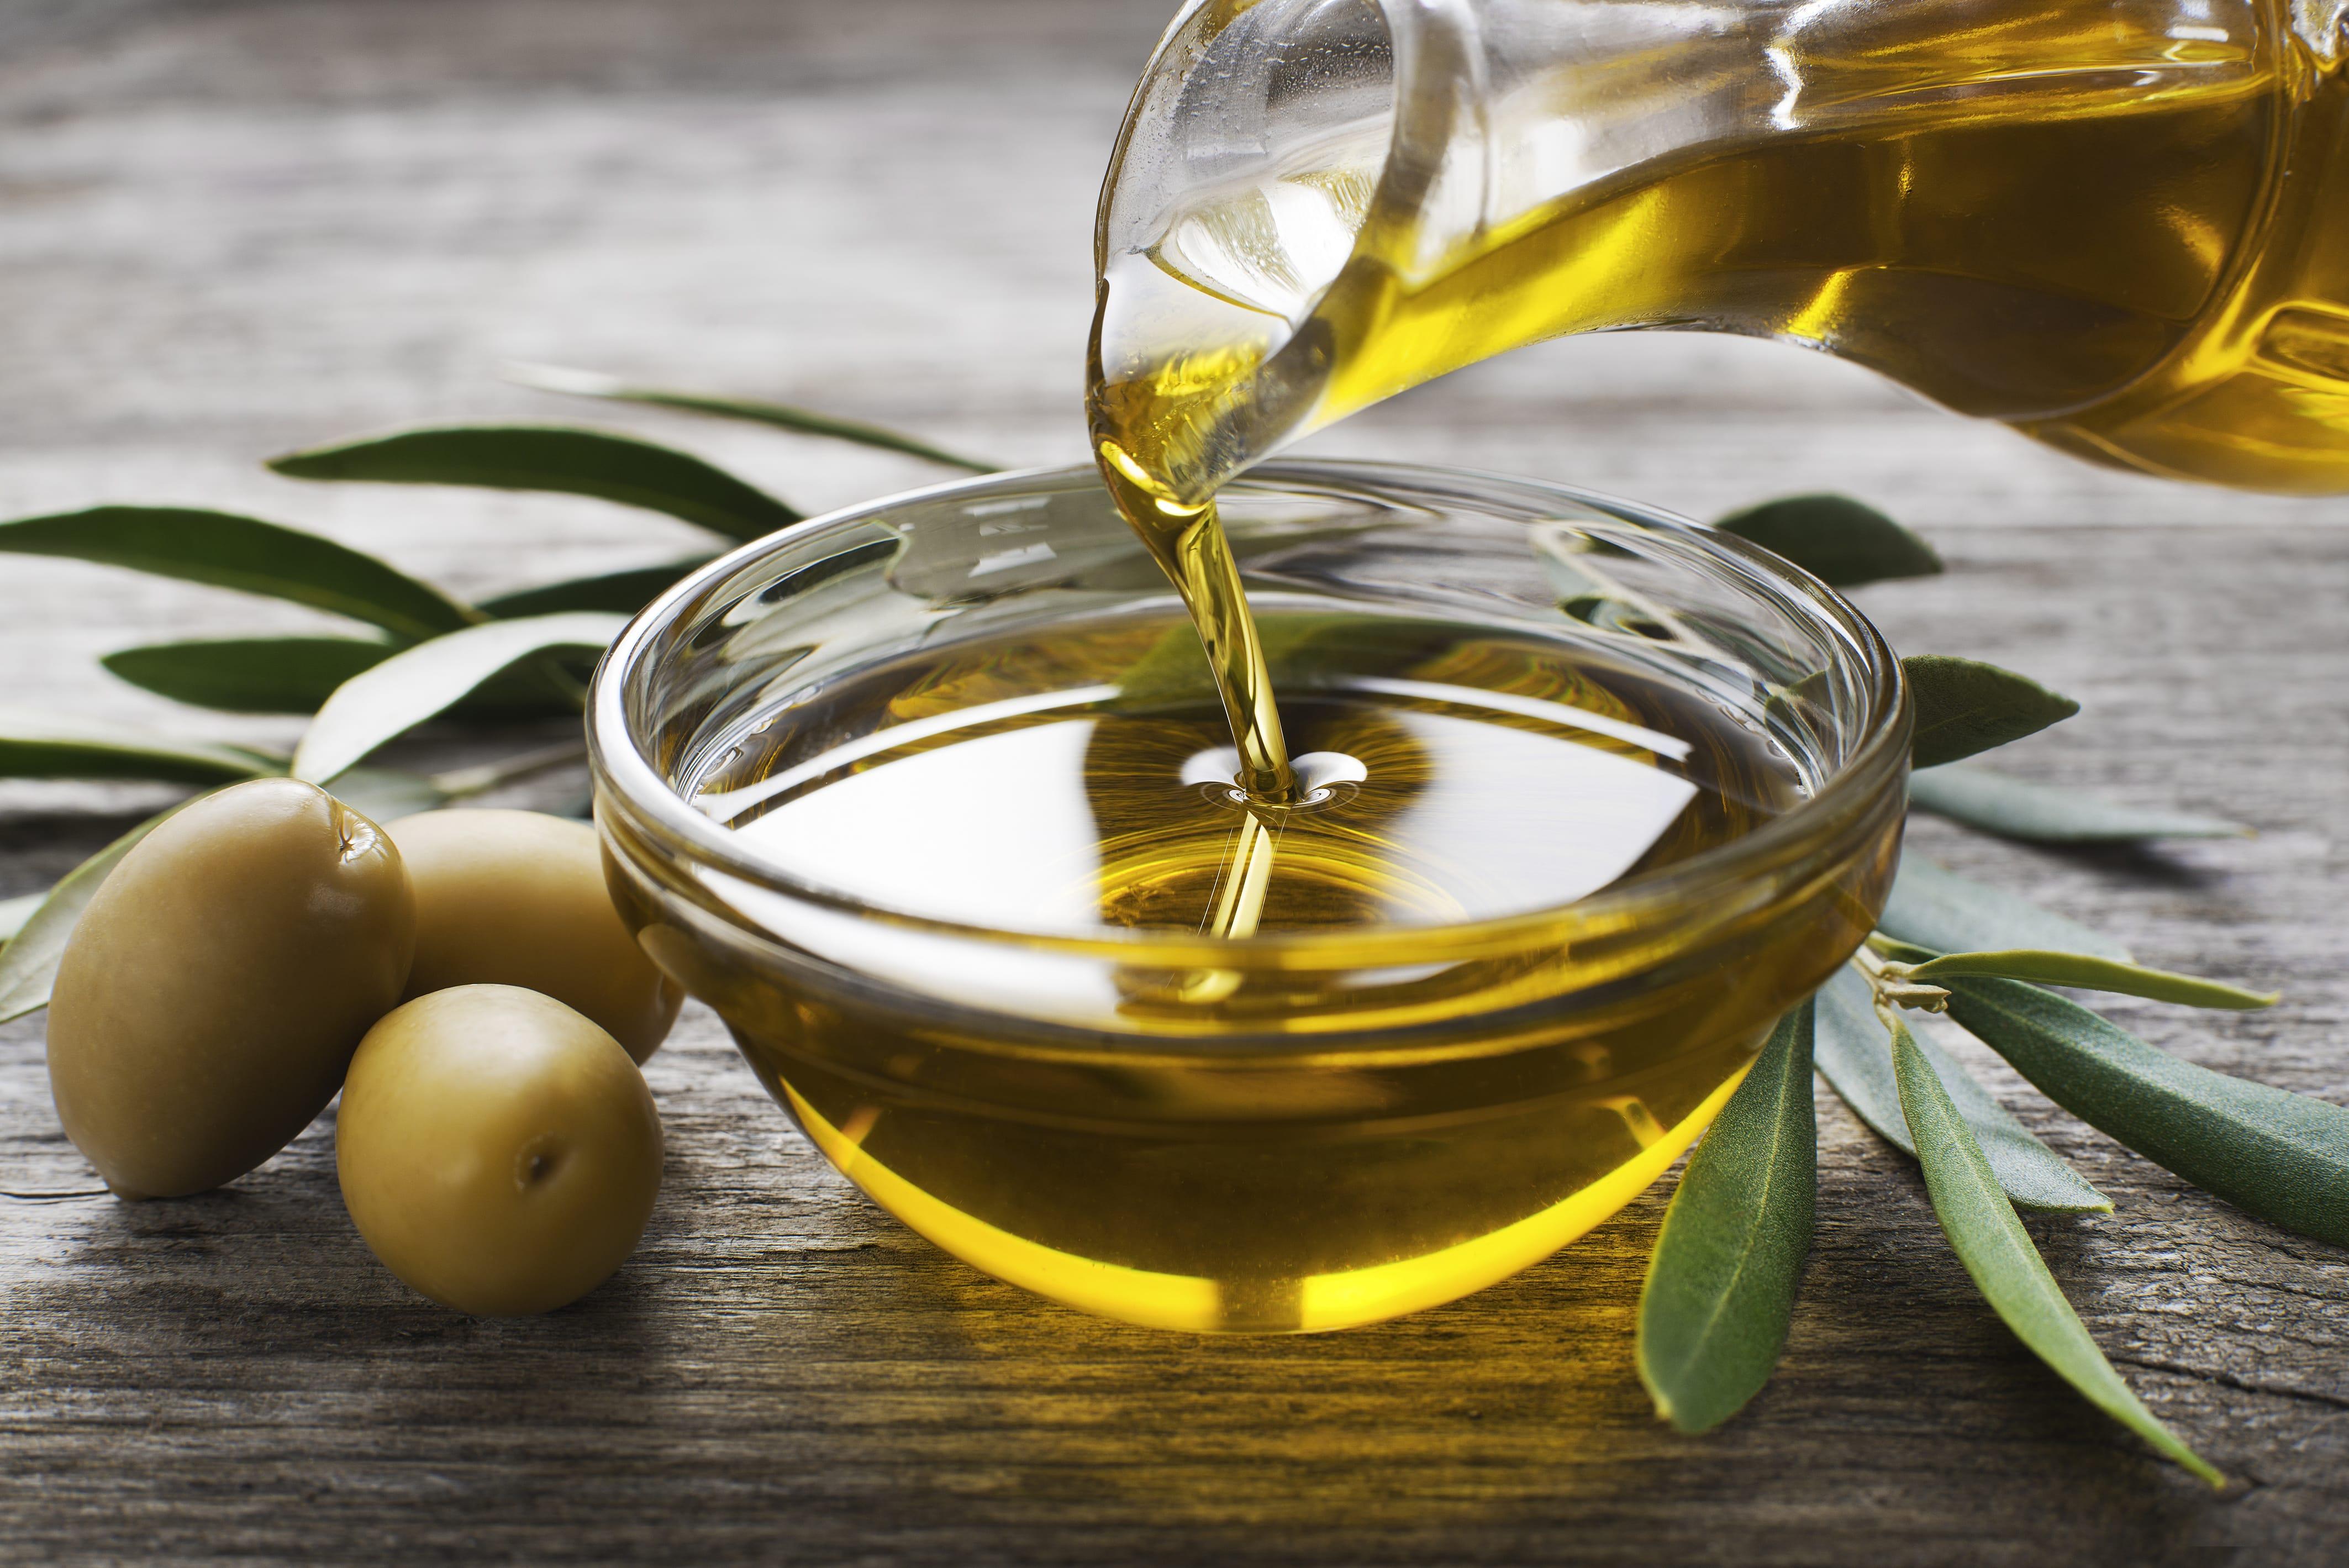 Hausmittel Olivenöl – 14 Verwendungsmöglichkeiten